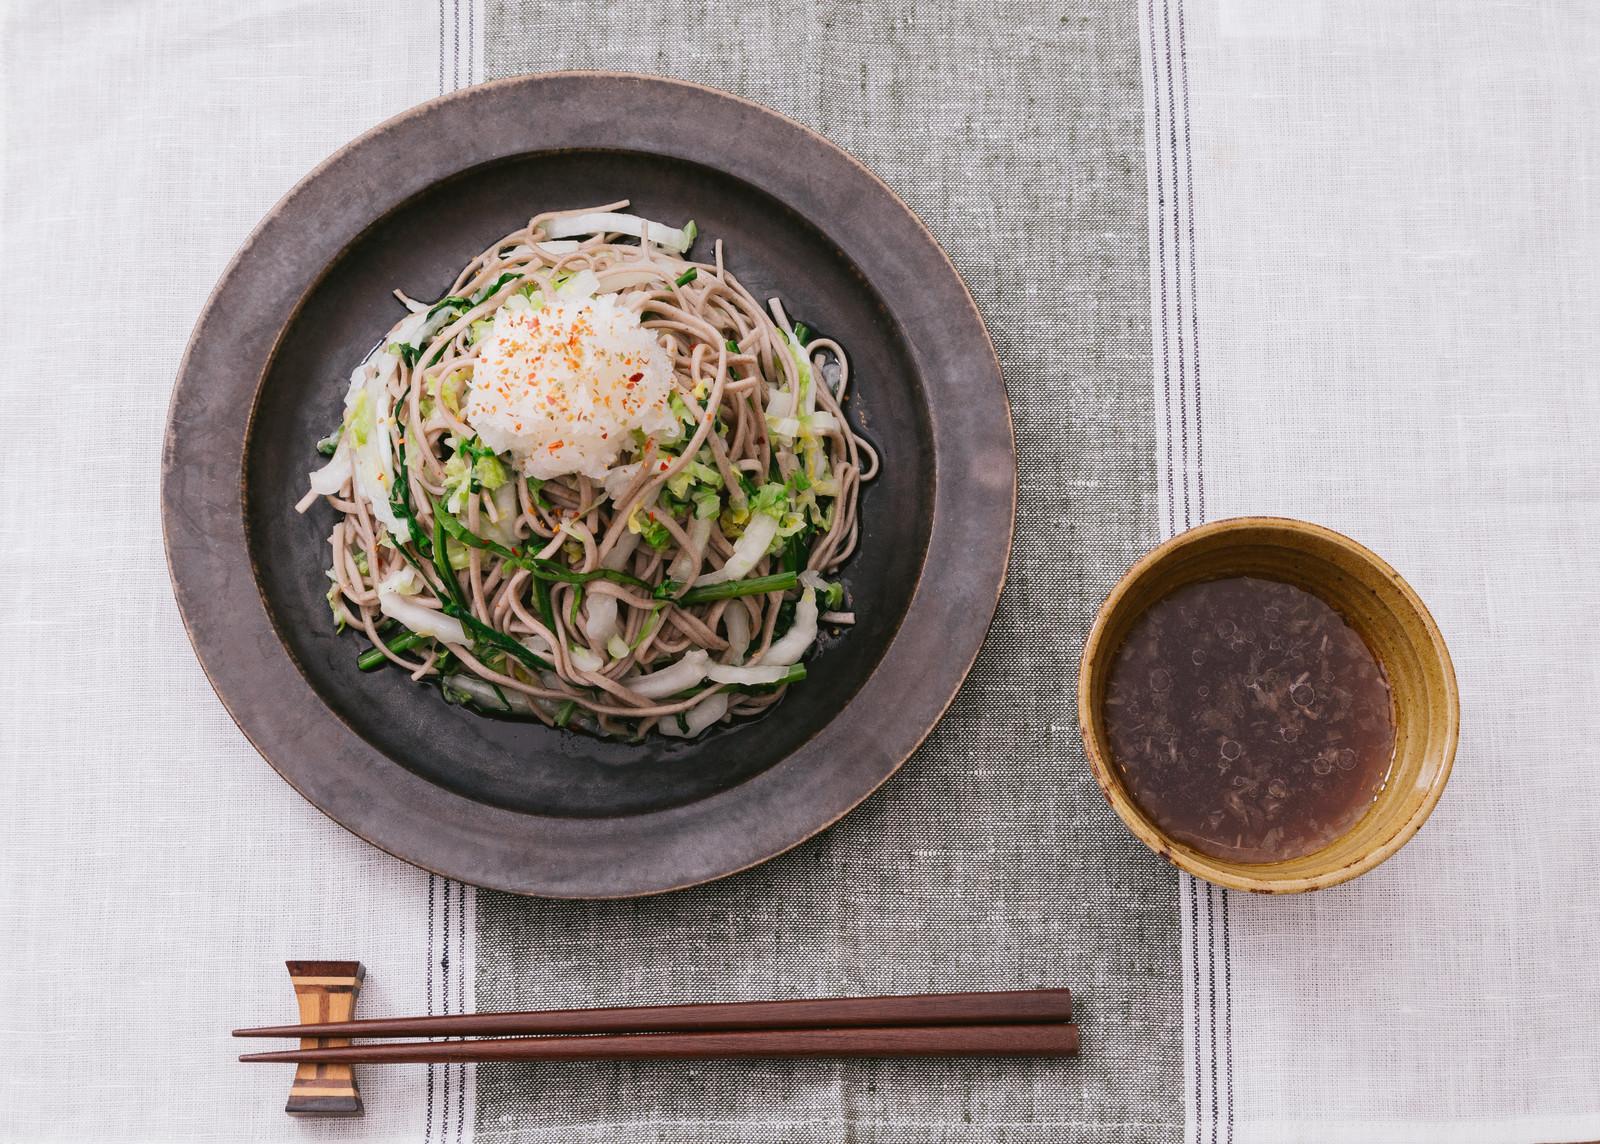 食事摂取基準2015を解りやすく翻訳 「カロリー編」のアイキャッチ